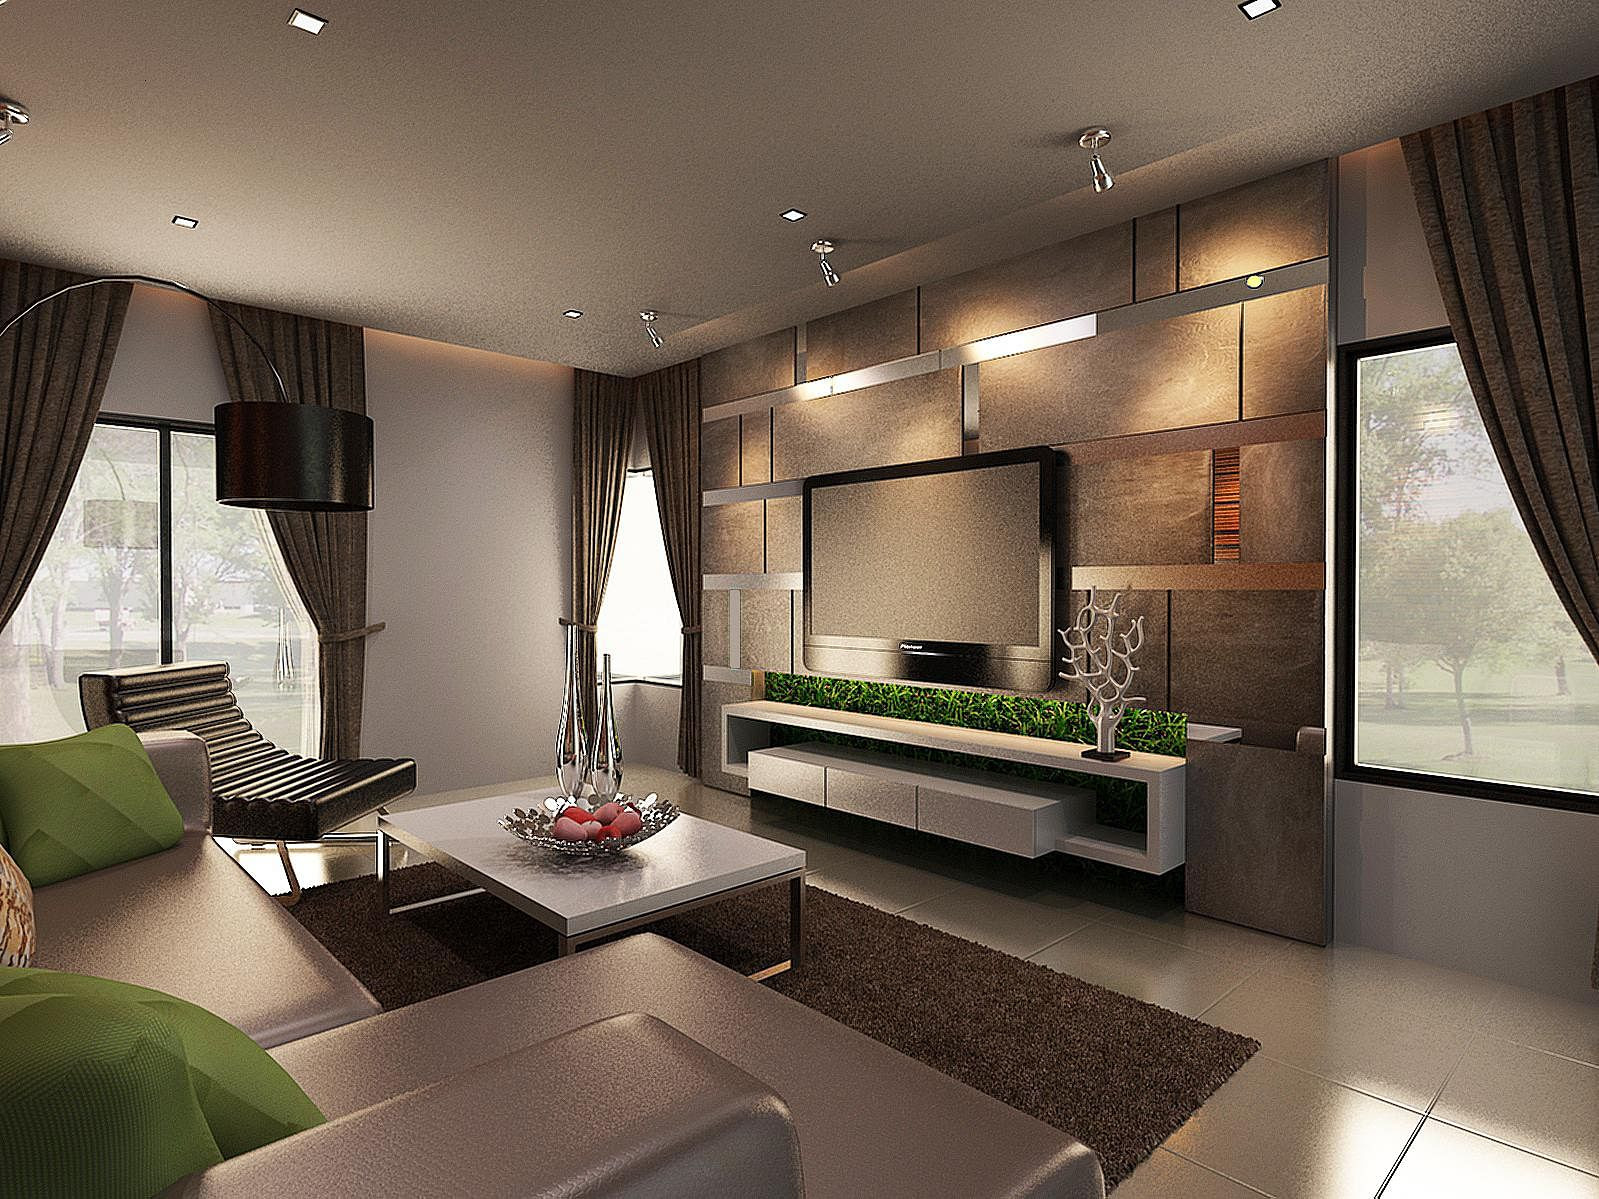 BTO  Home \u0026 Decor Singapore